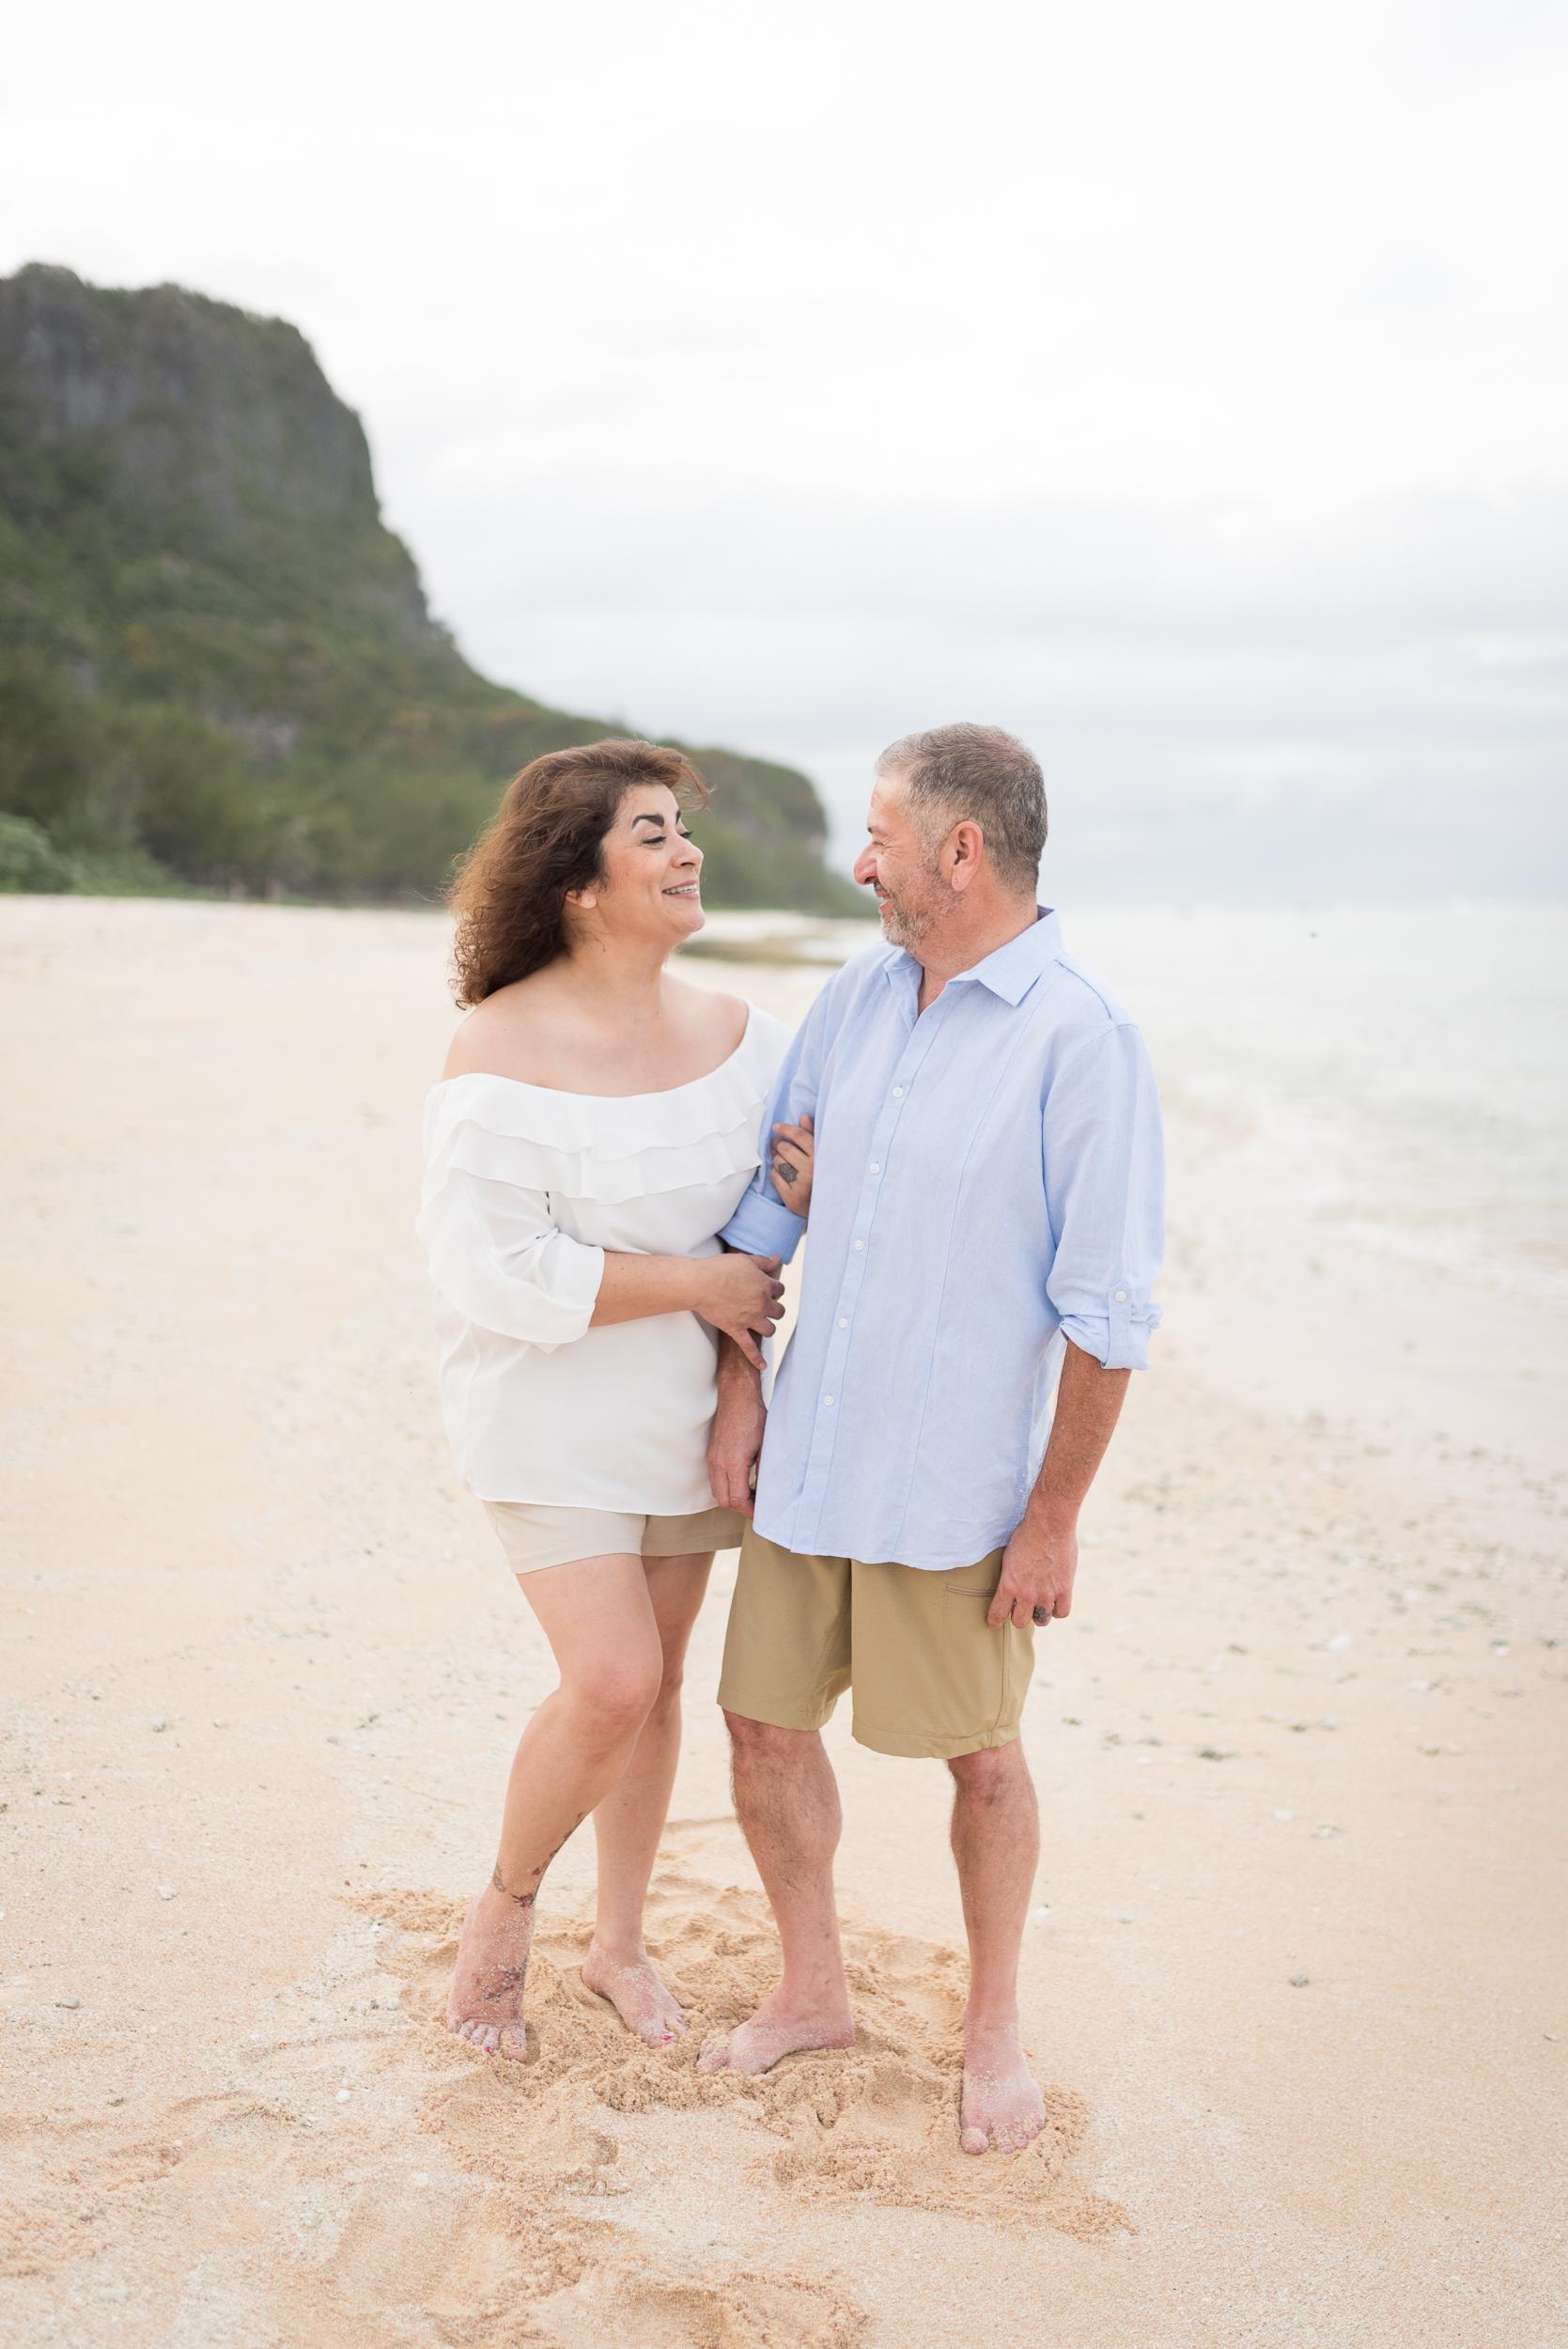 CouplesSessionTaragueGuamPhotographer-ROXANNEAUGUSTA-8.jpg